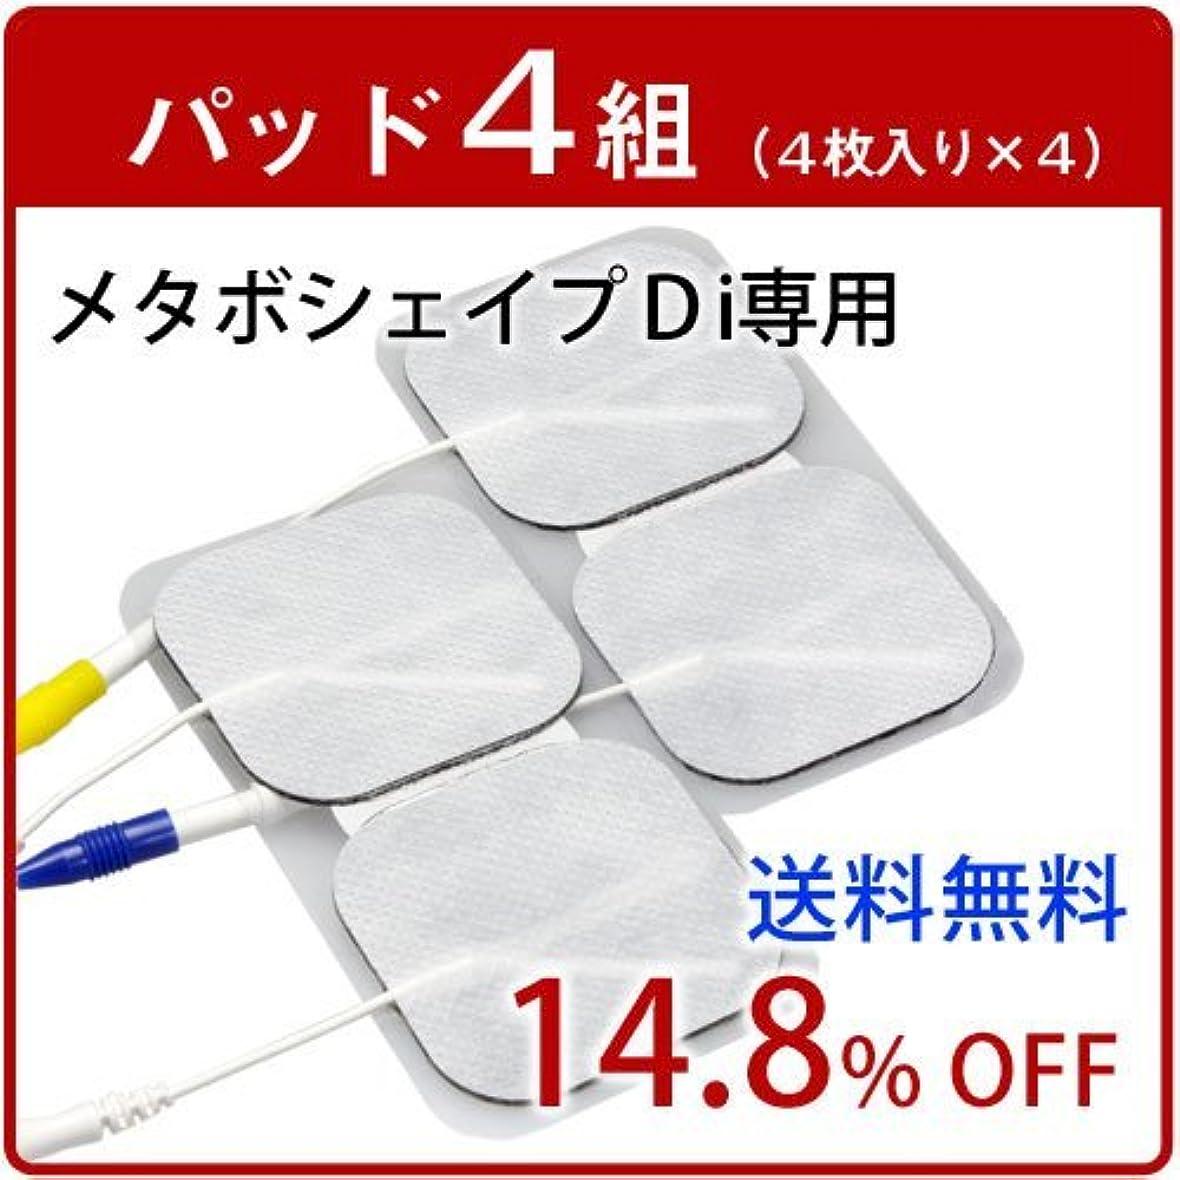 整理する電気香り【正規品】メタボシェイプ Di 用粘着パッド4組(4枚入り×4)